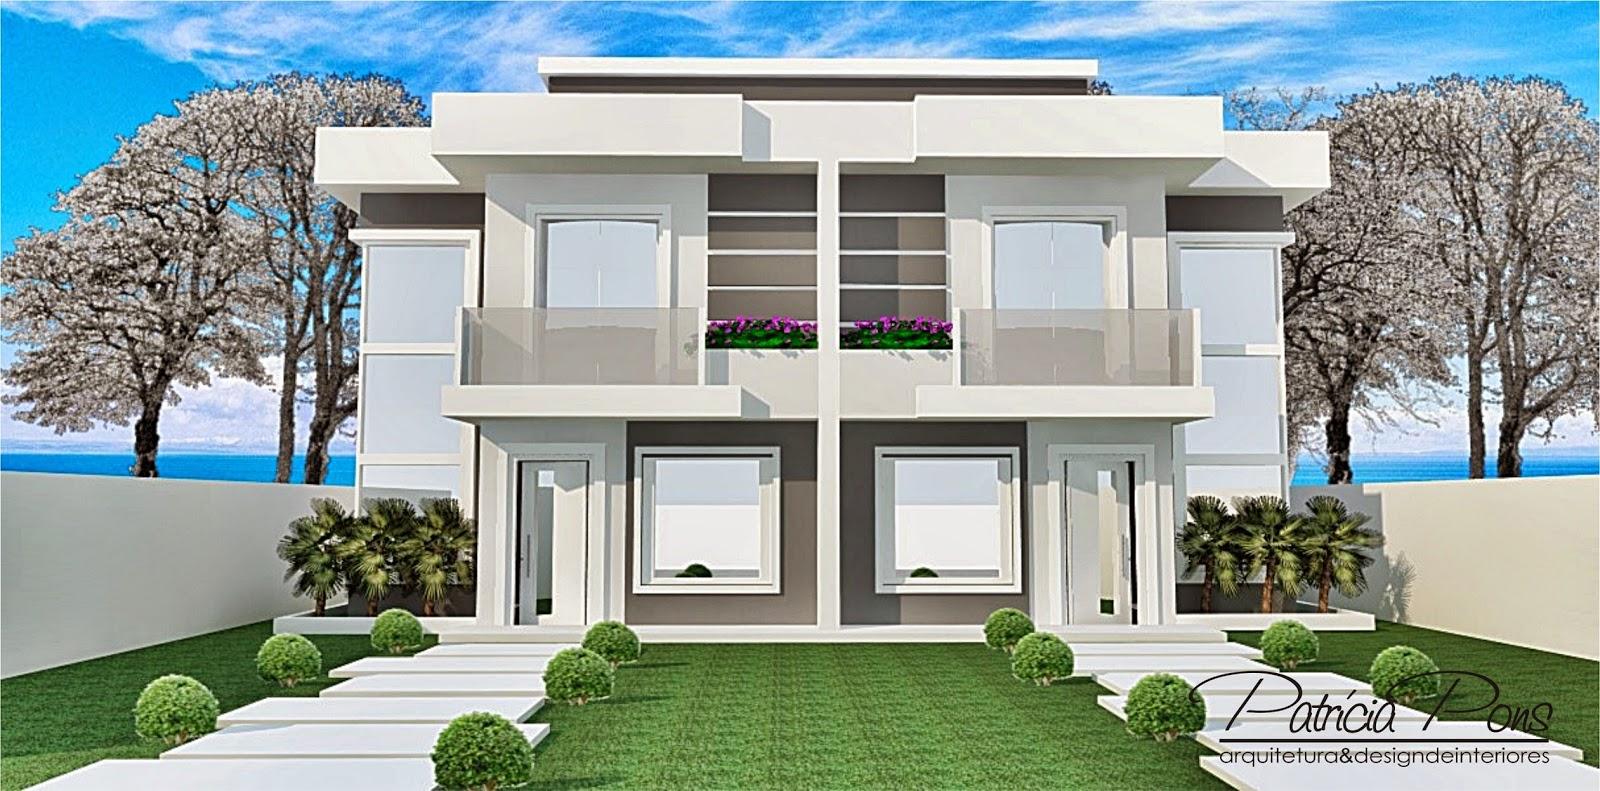 15 ideias de fachadas para sobrados pequenos | Construção